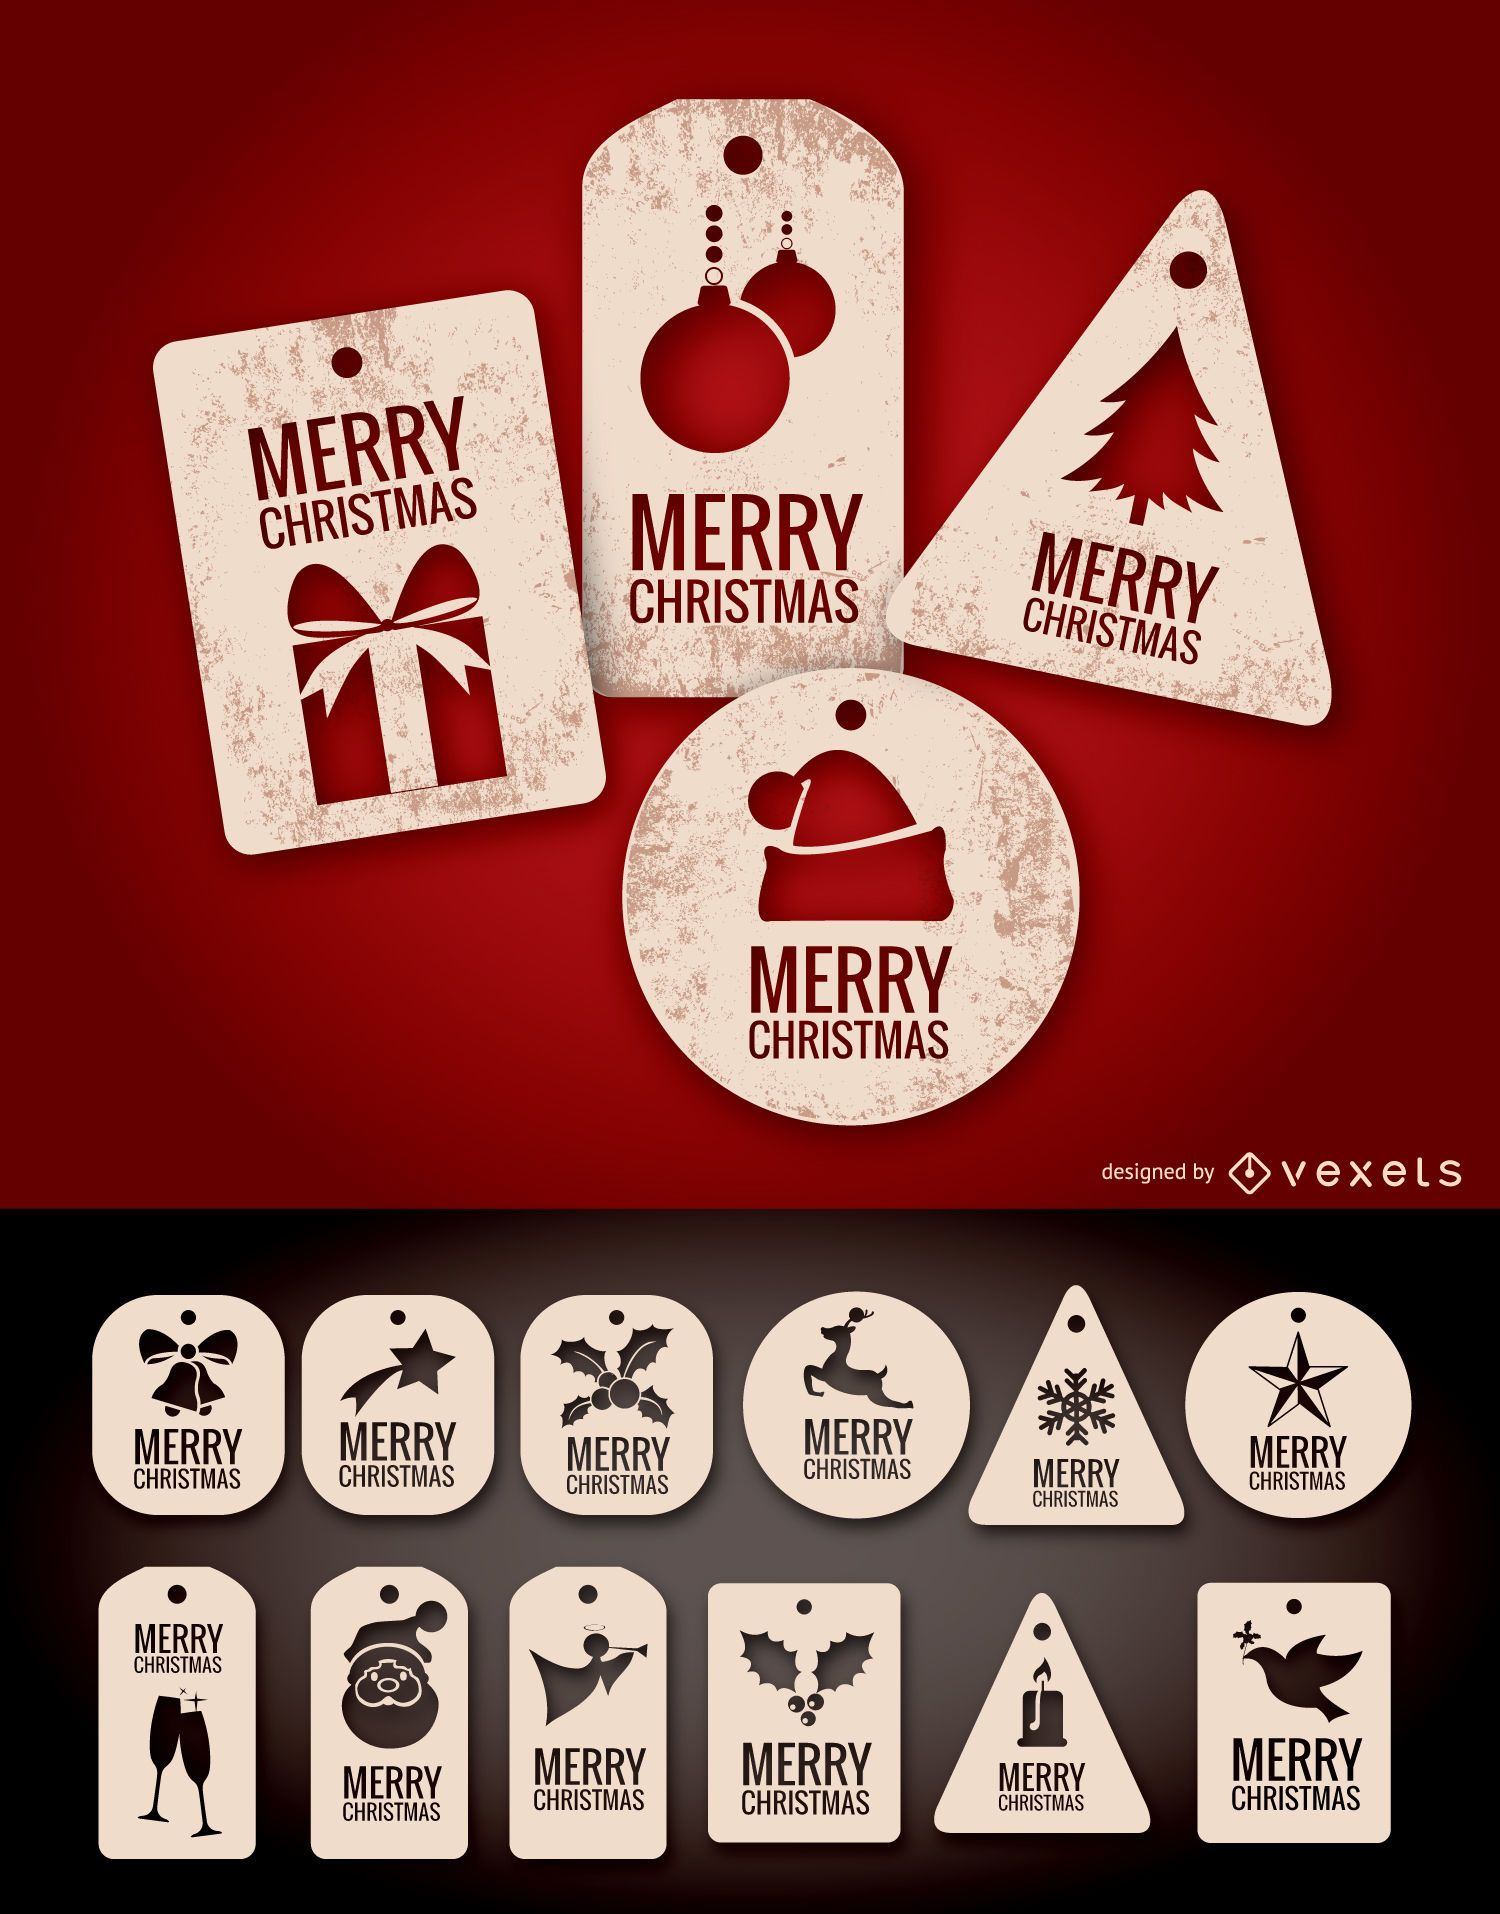 Etiquetas y etiquetas navide?as